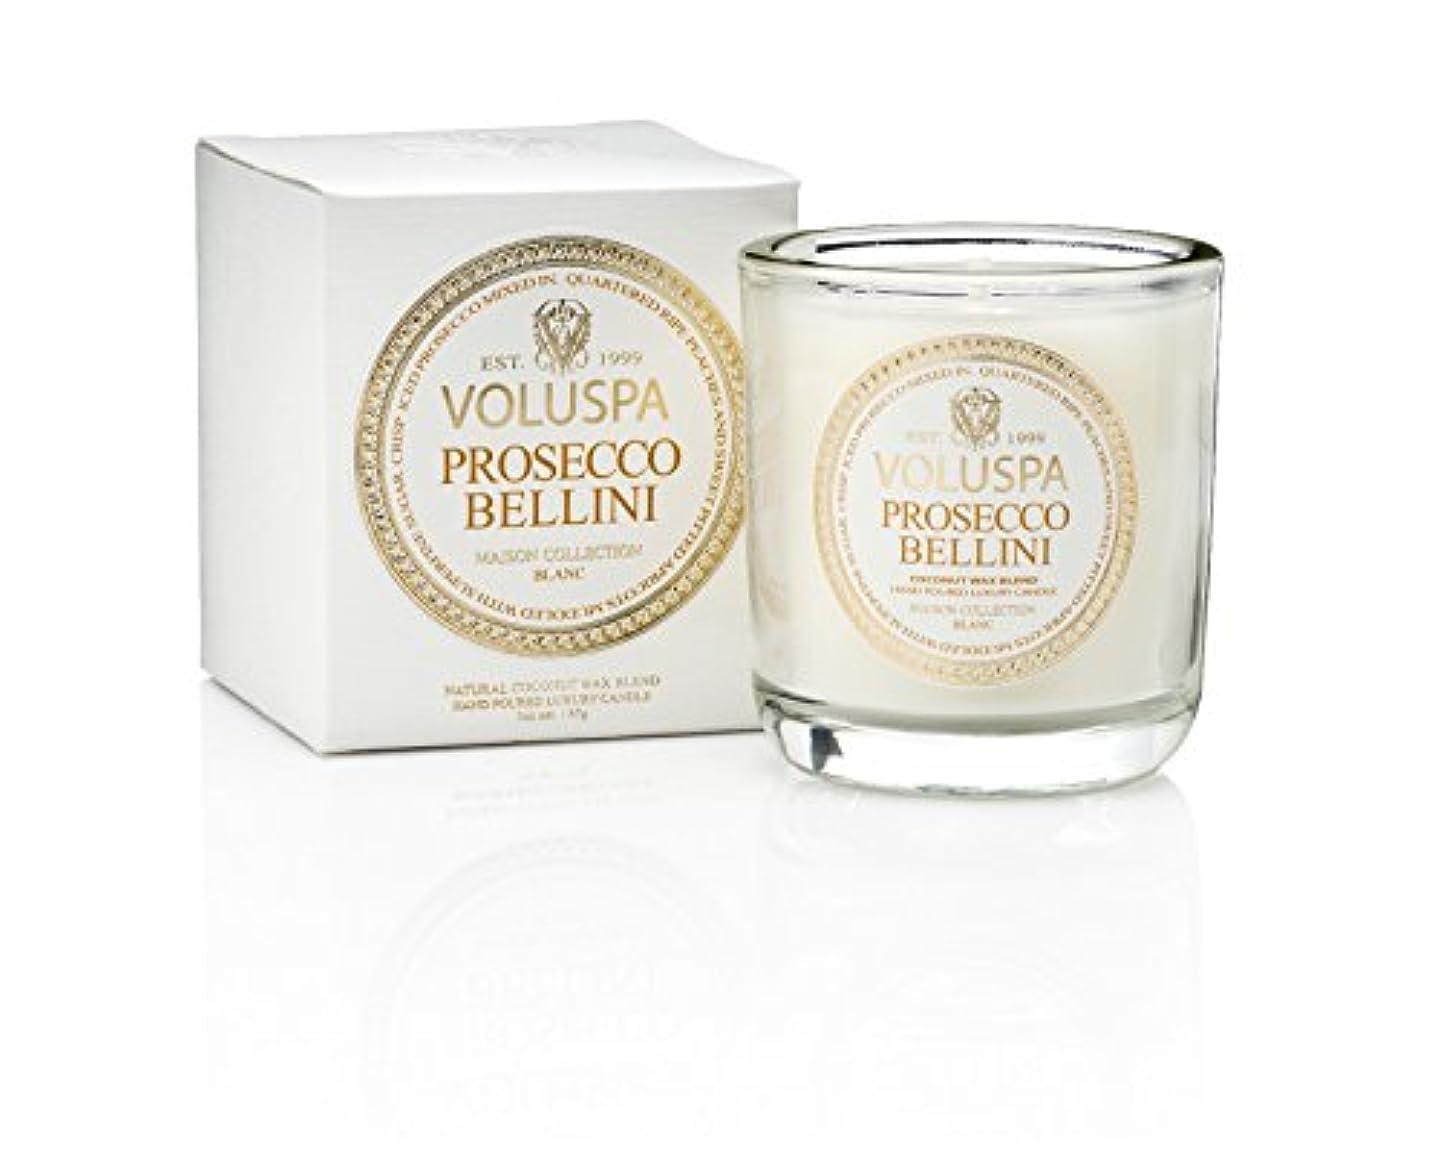 VOLUSPA メゾンブラン ミニグラスキャンドル Prosecco Bellini プロセッコベッリーニ MAISON BLANK GLASS CANDLE mini ボルスパ